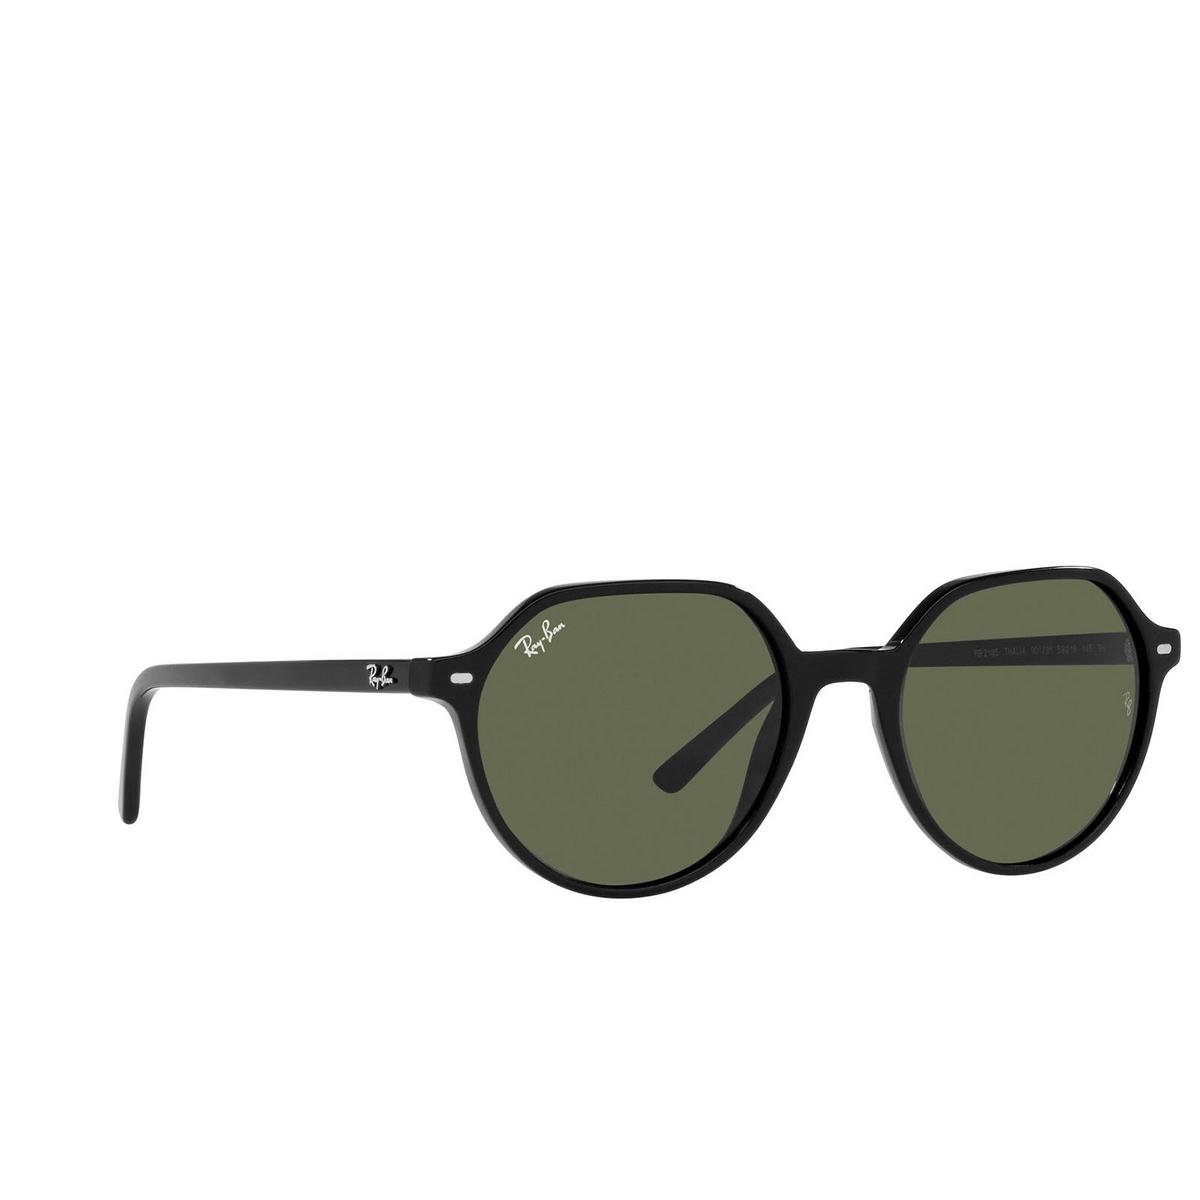 Ray-Ban® Irregular Sunglasses: Thalia RB2195 color Black 901/31.